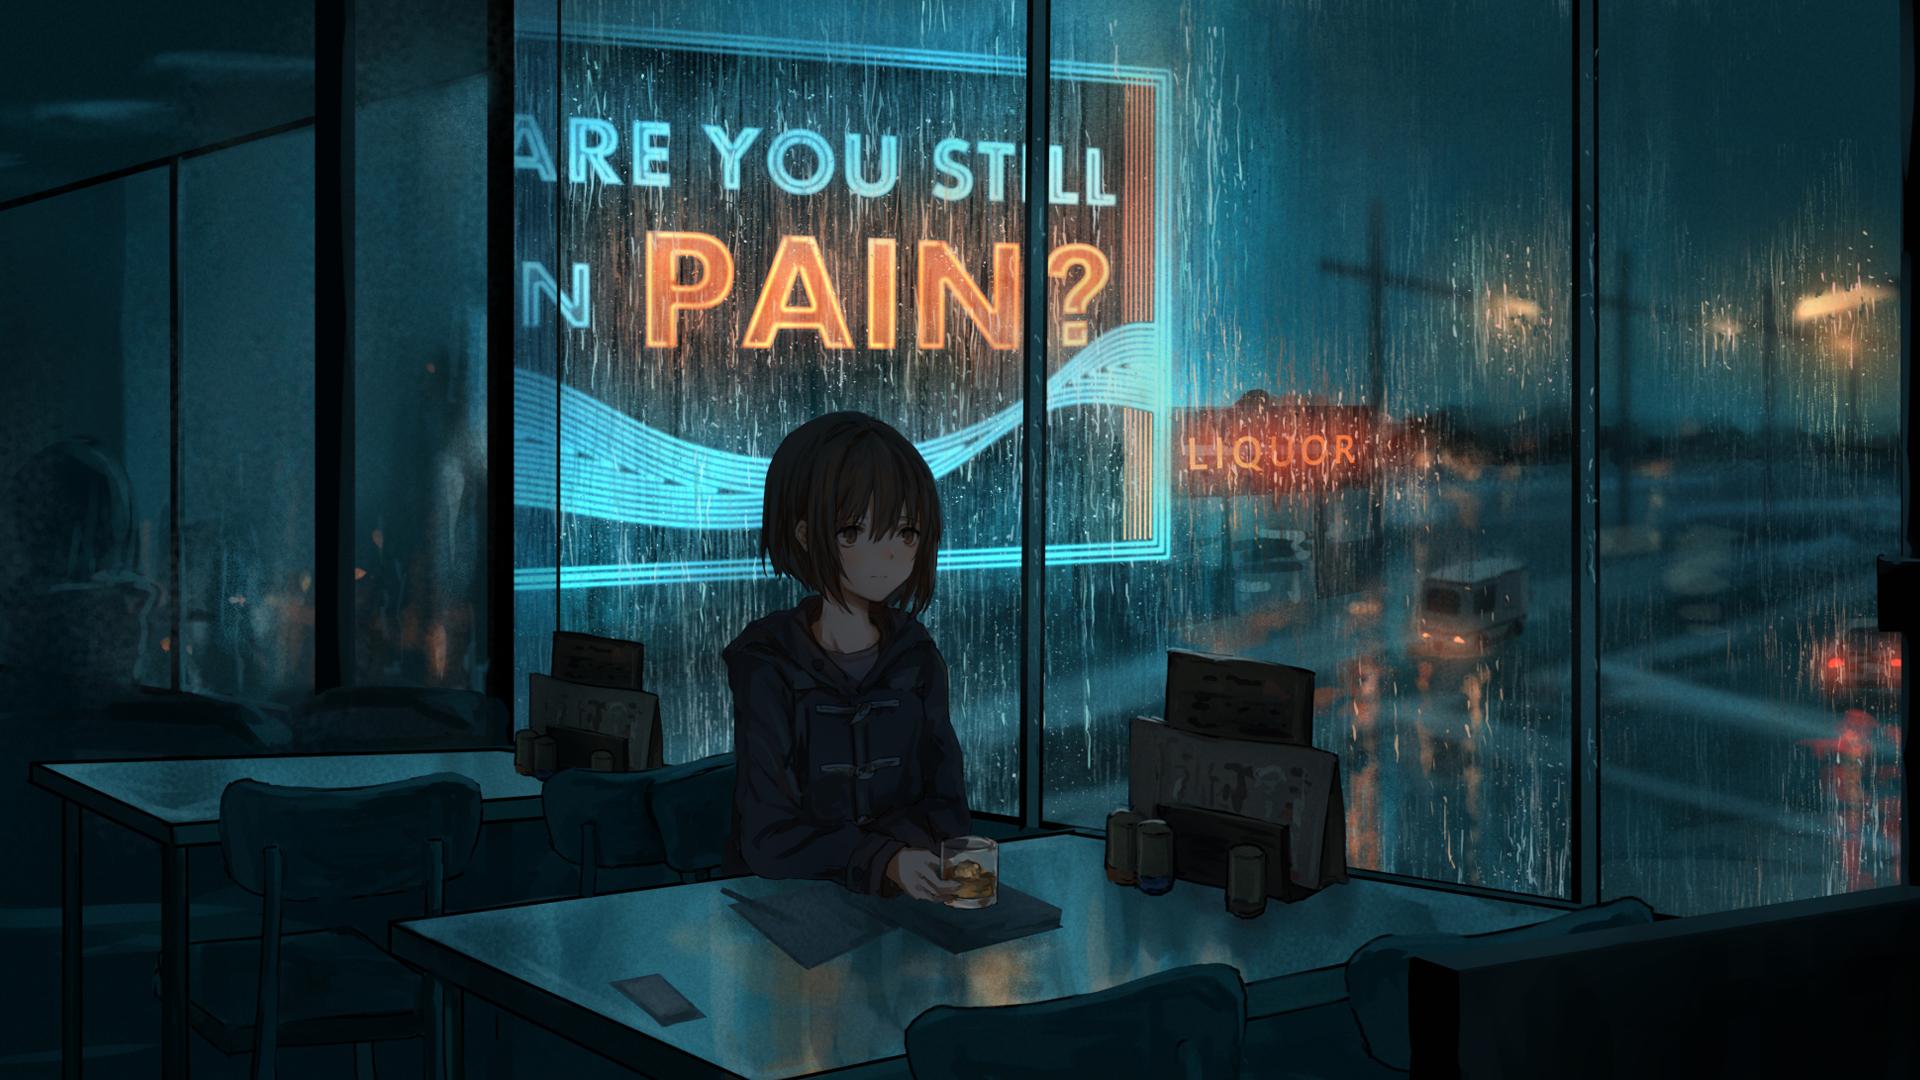 雨天 夜景 玻璃窗 女孩 桌子 动漫壁纸